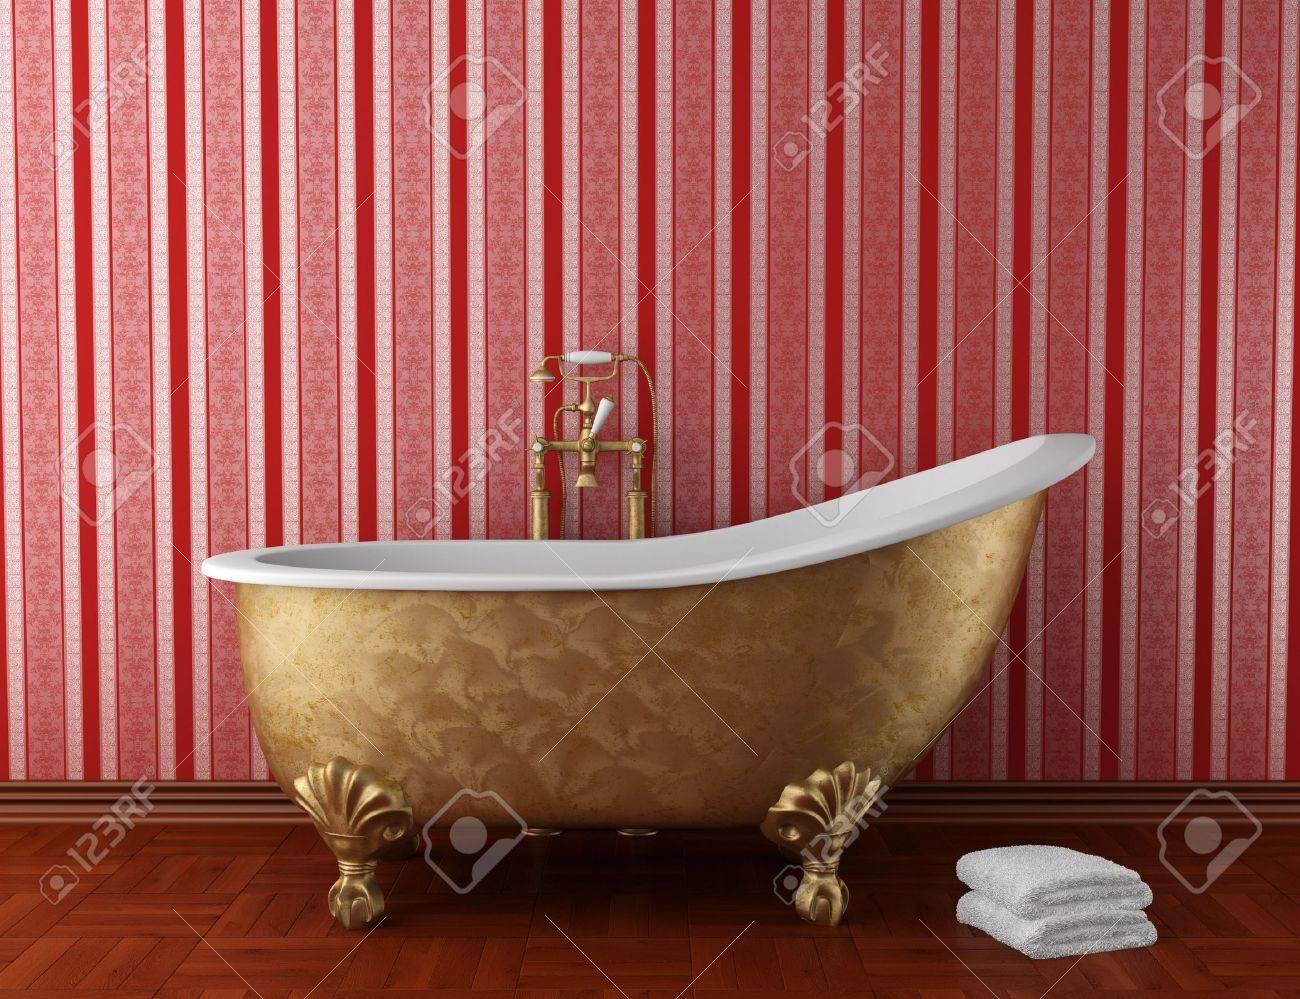 klassische badezimmer mit alten badewanne und red stripped wand